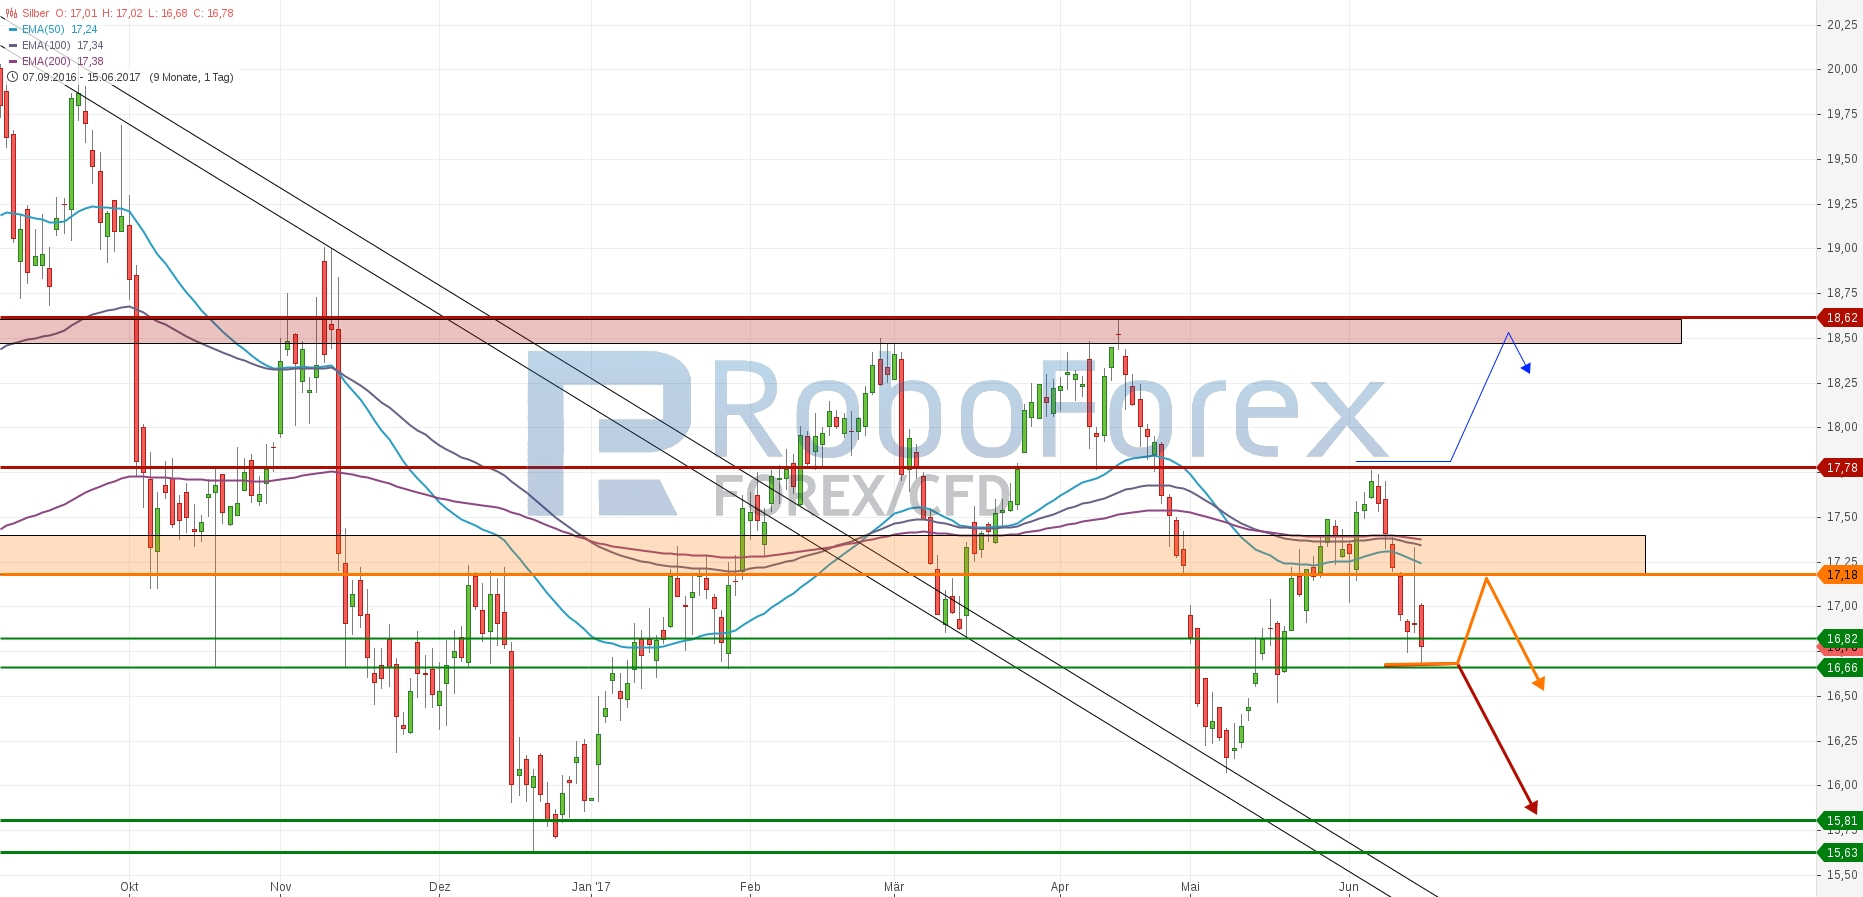 chart-15062017-2035-silber-roboforex.jpg